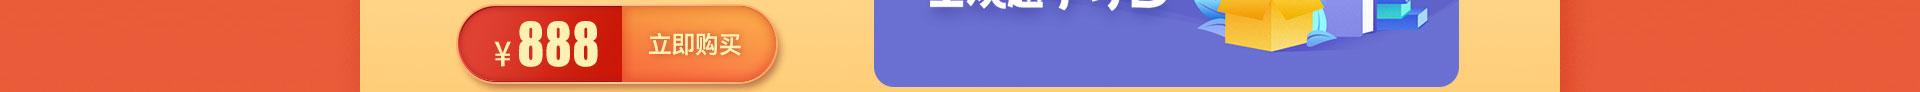 """PC页面-新春放""""价"""",携""""课""""回家1920x_07.jpg"""